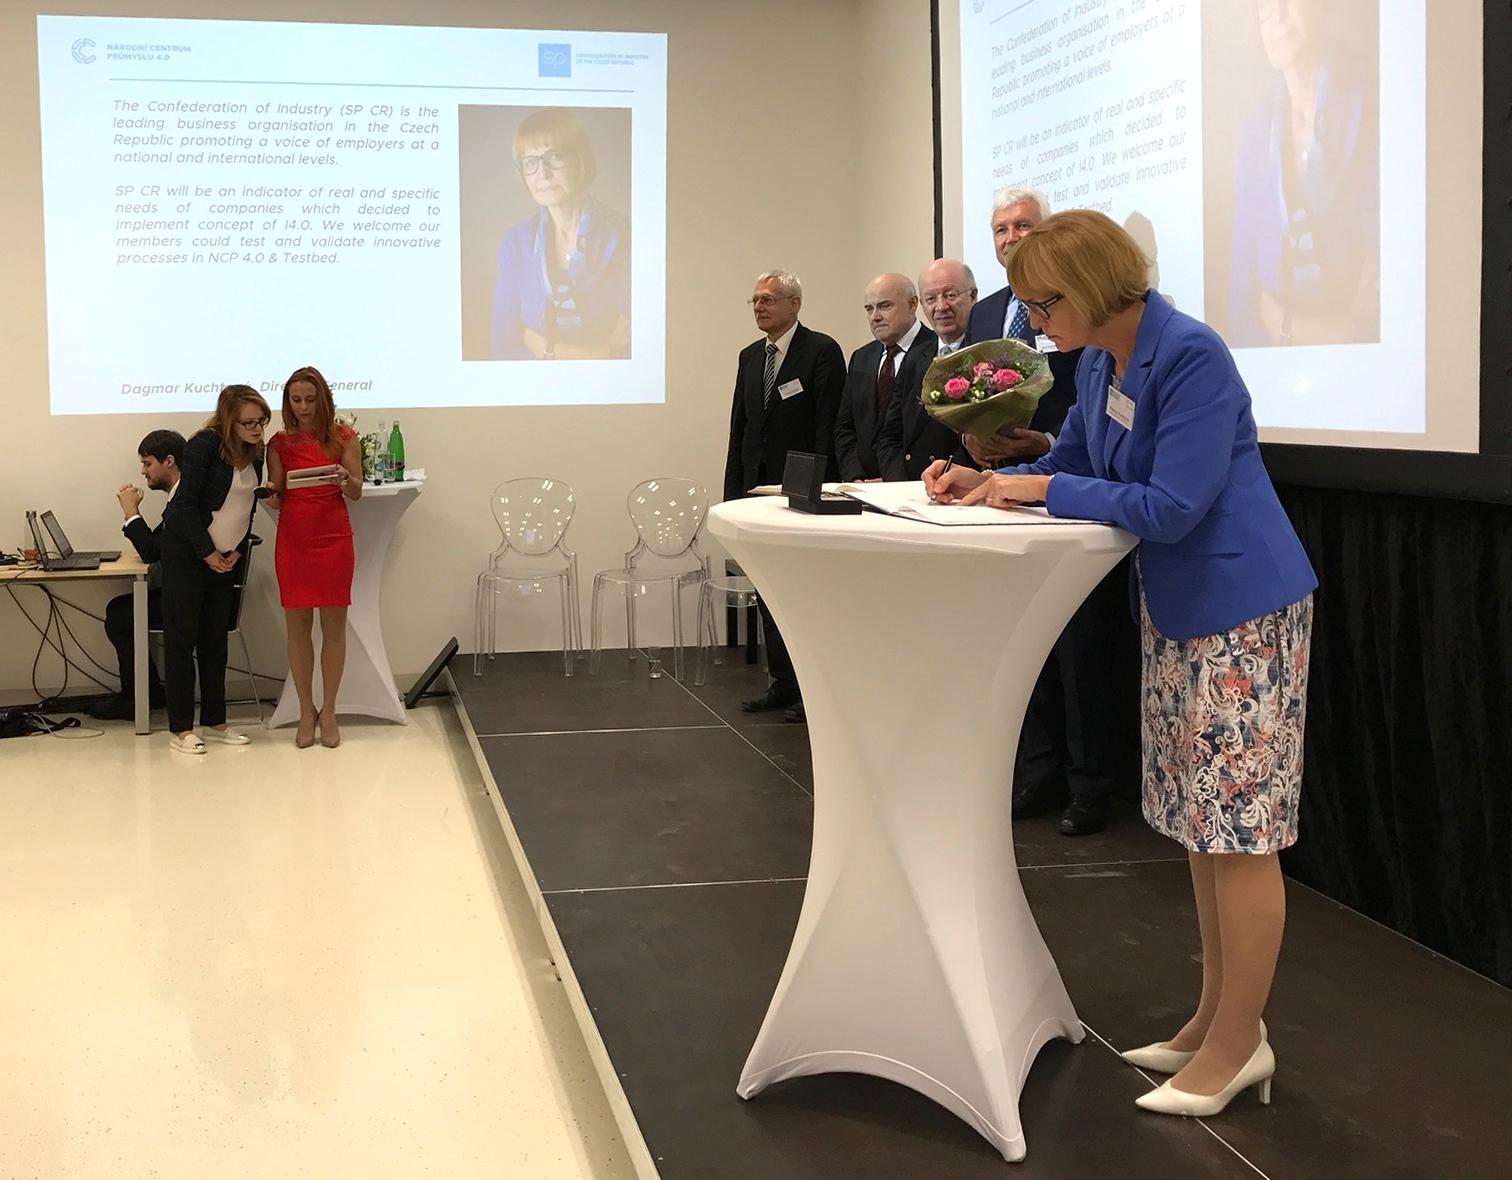 Podpis memoranda GŘ D. Kuchtová